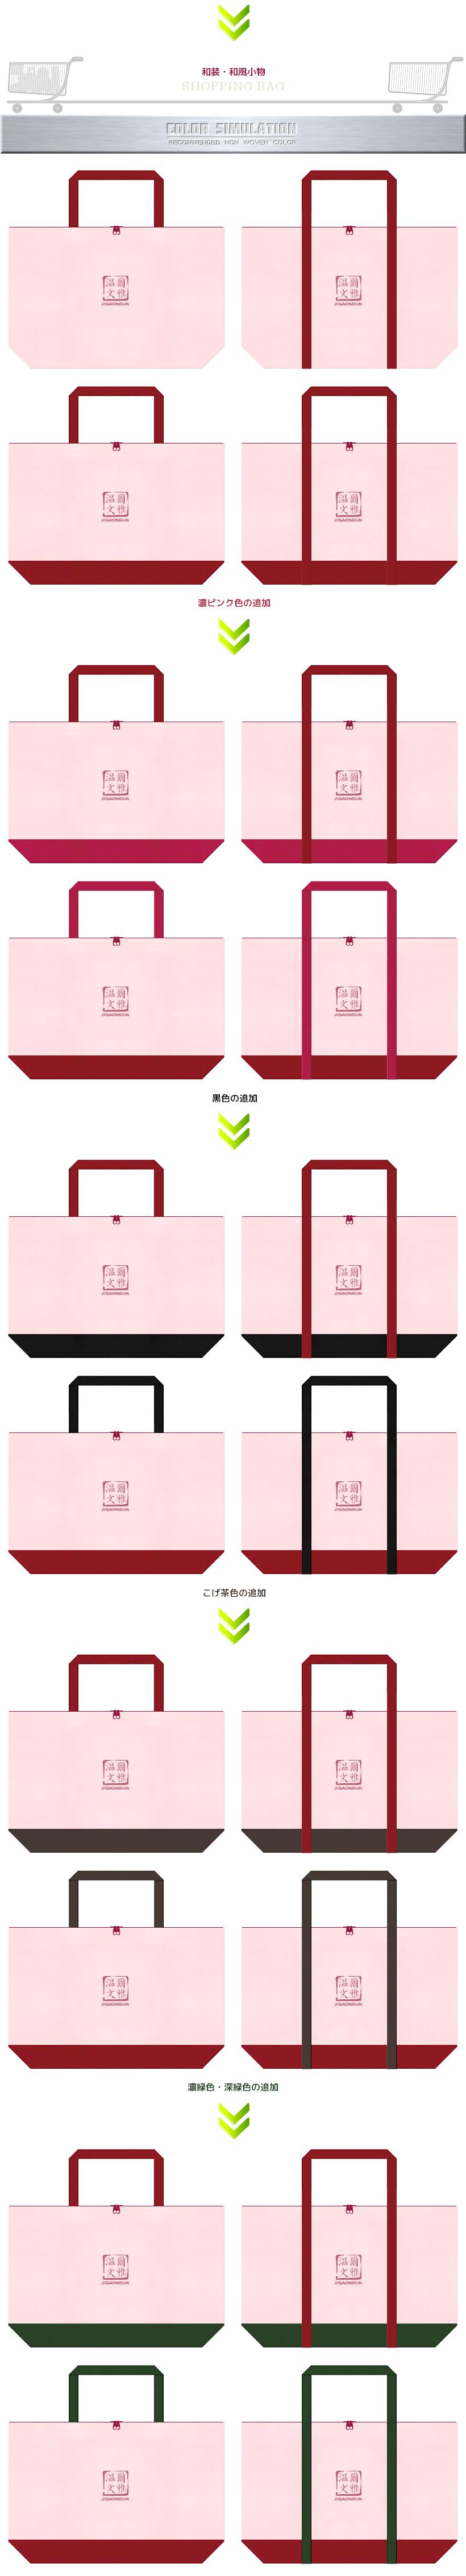 桜色と臙脂色をメインに使用した不織布ショッピングバッグのカラーシミュレーション(振袖・袴風):和装・和風小物のショッピングバッグ